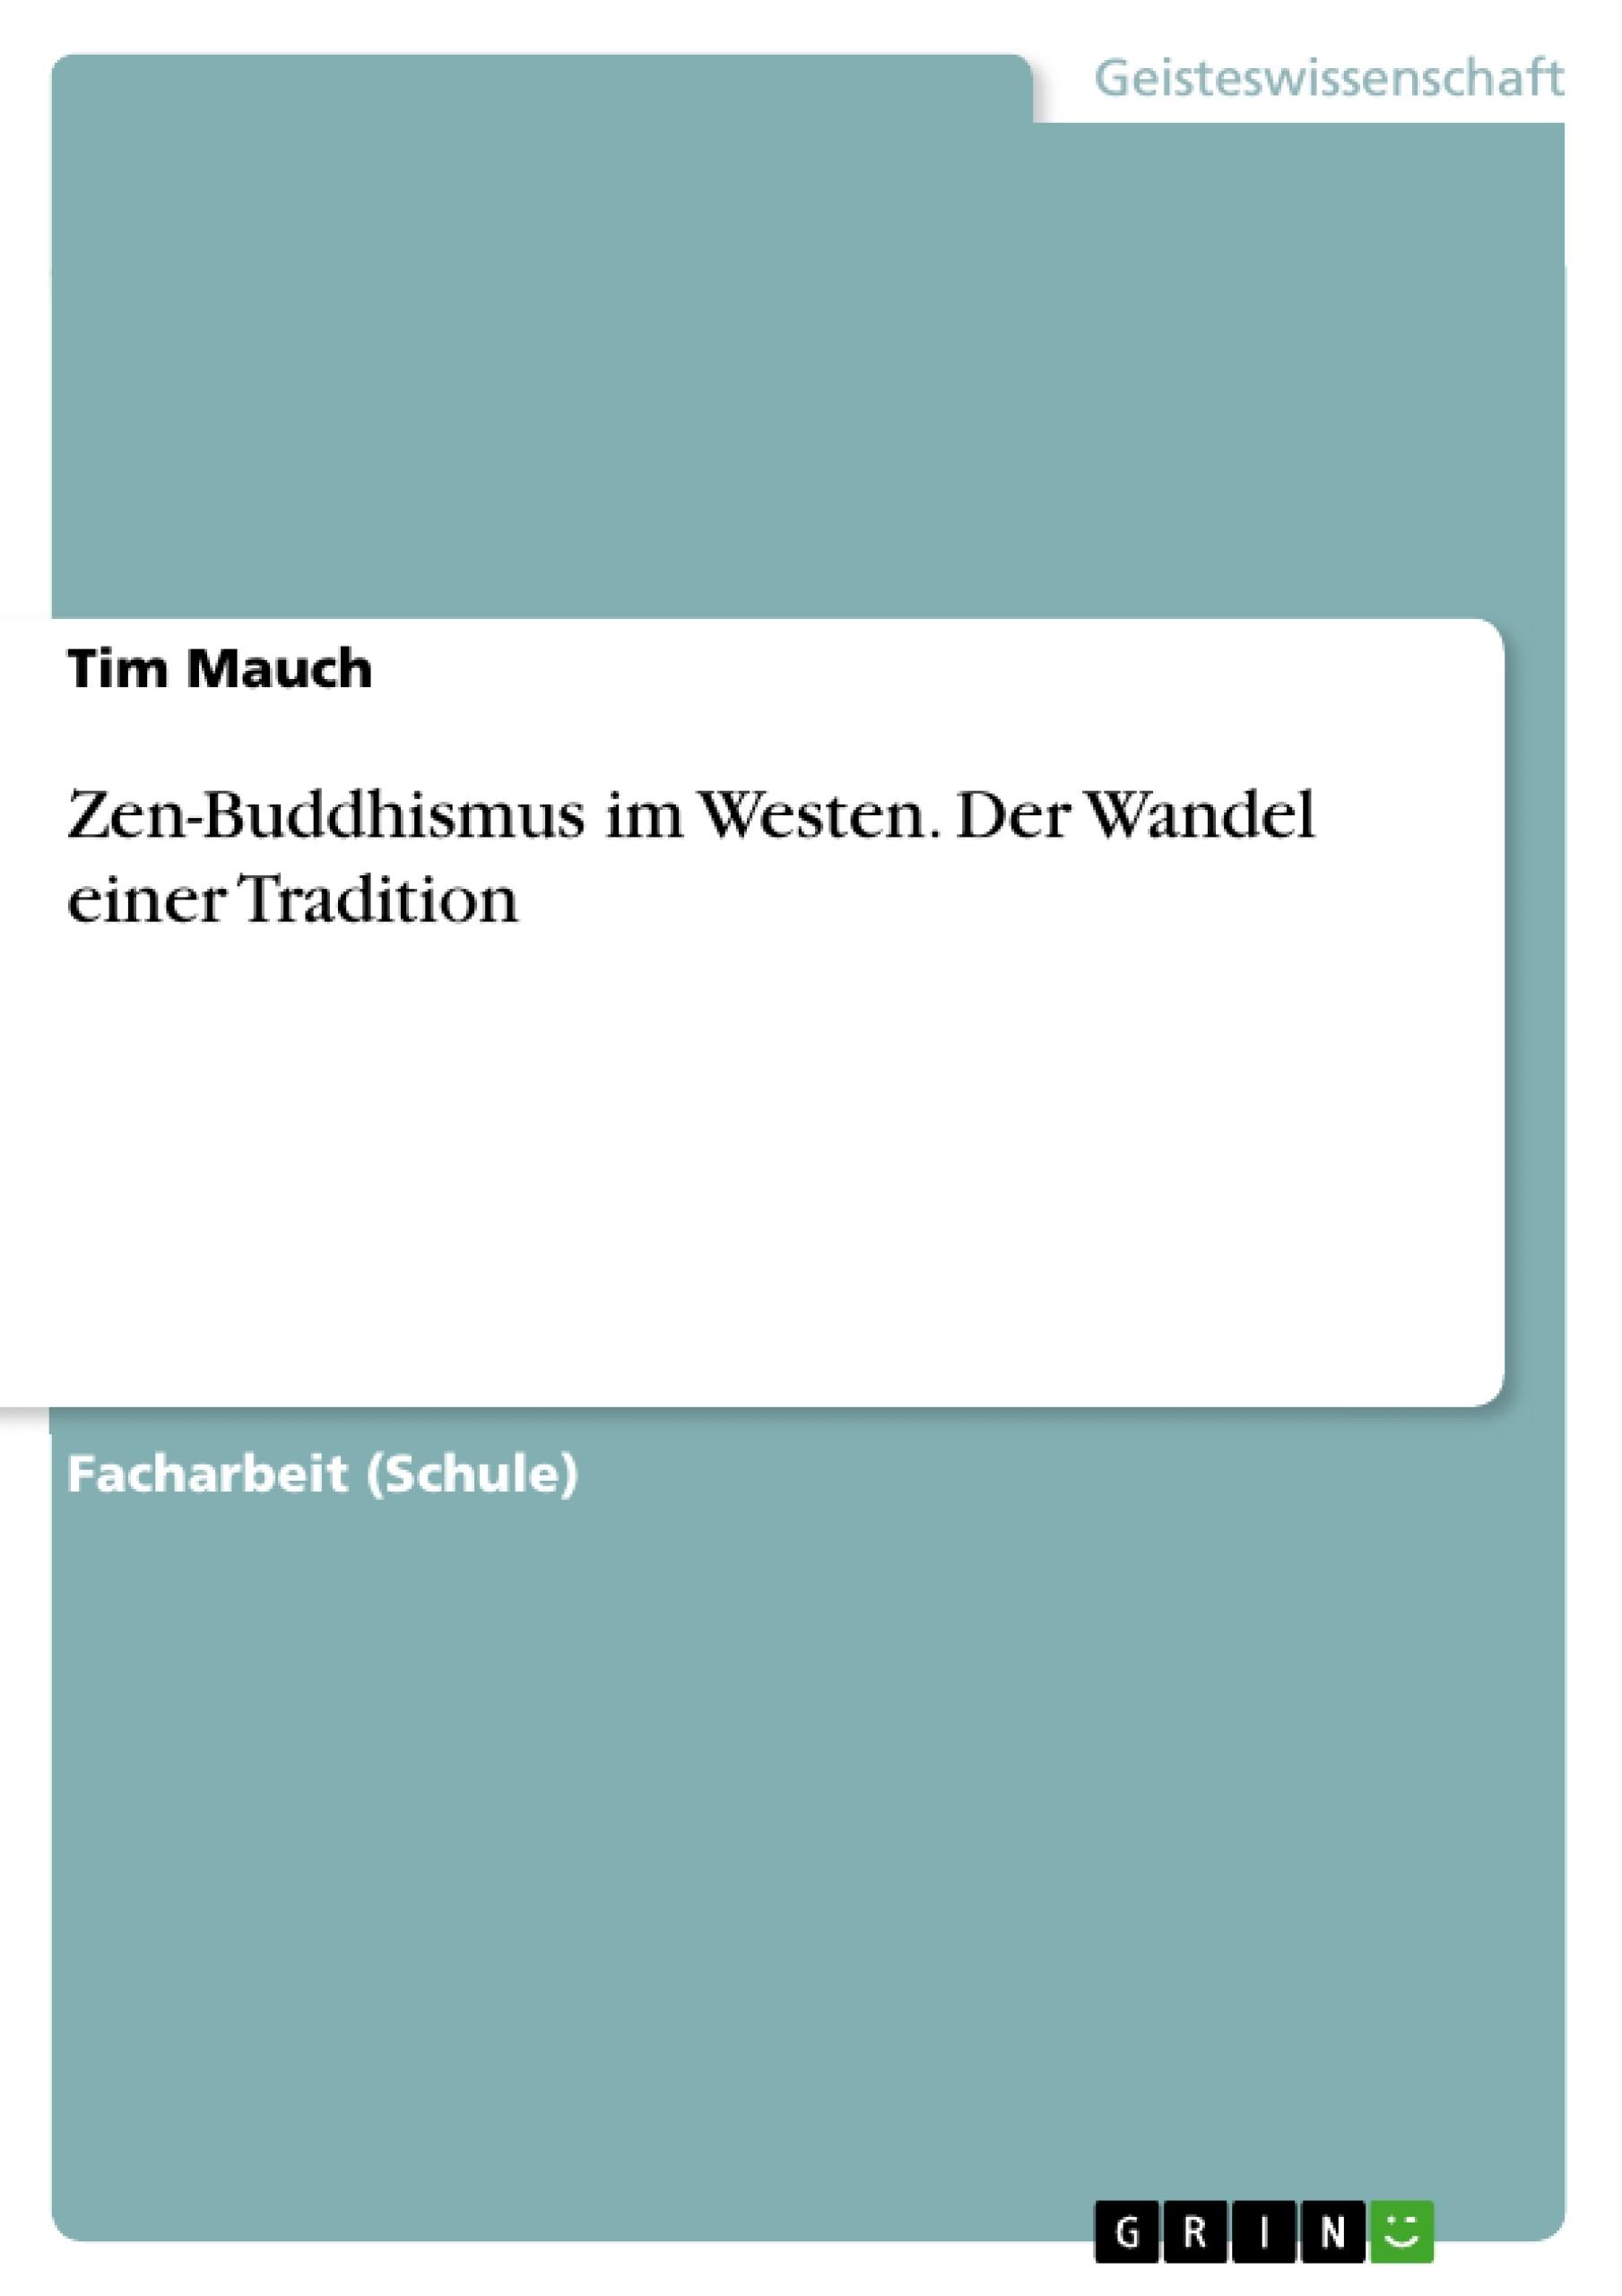 Titel: Zen-Buddhismus im Westen. Der Wandel einer Tradition